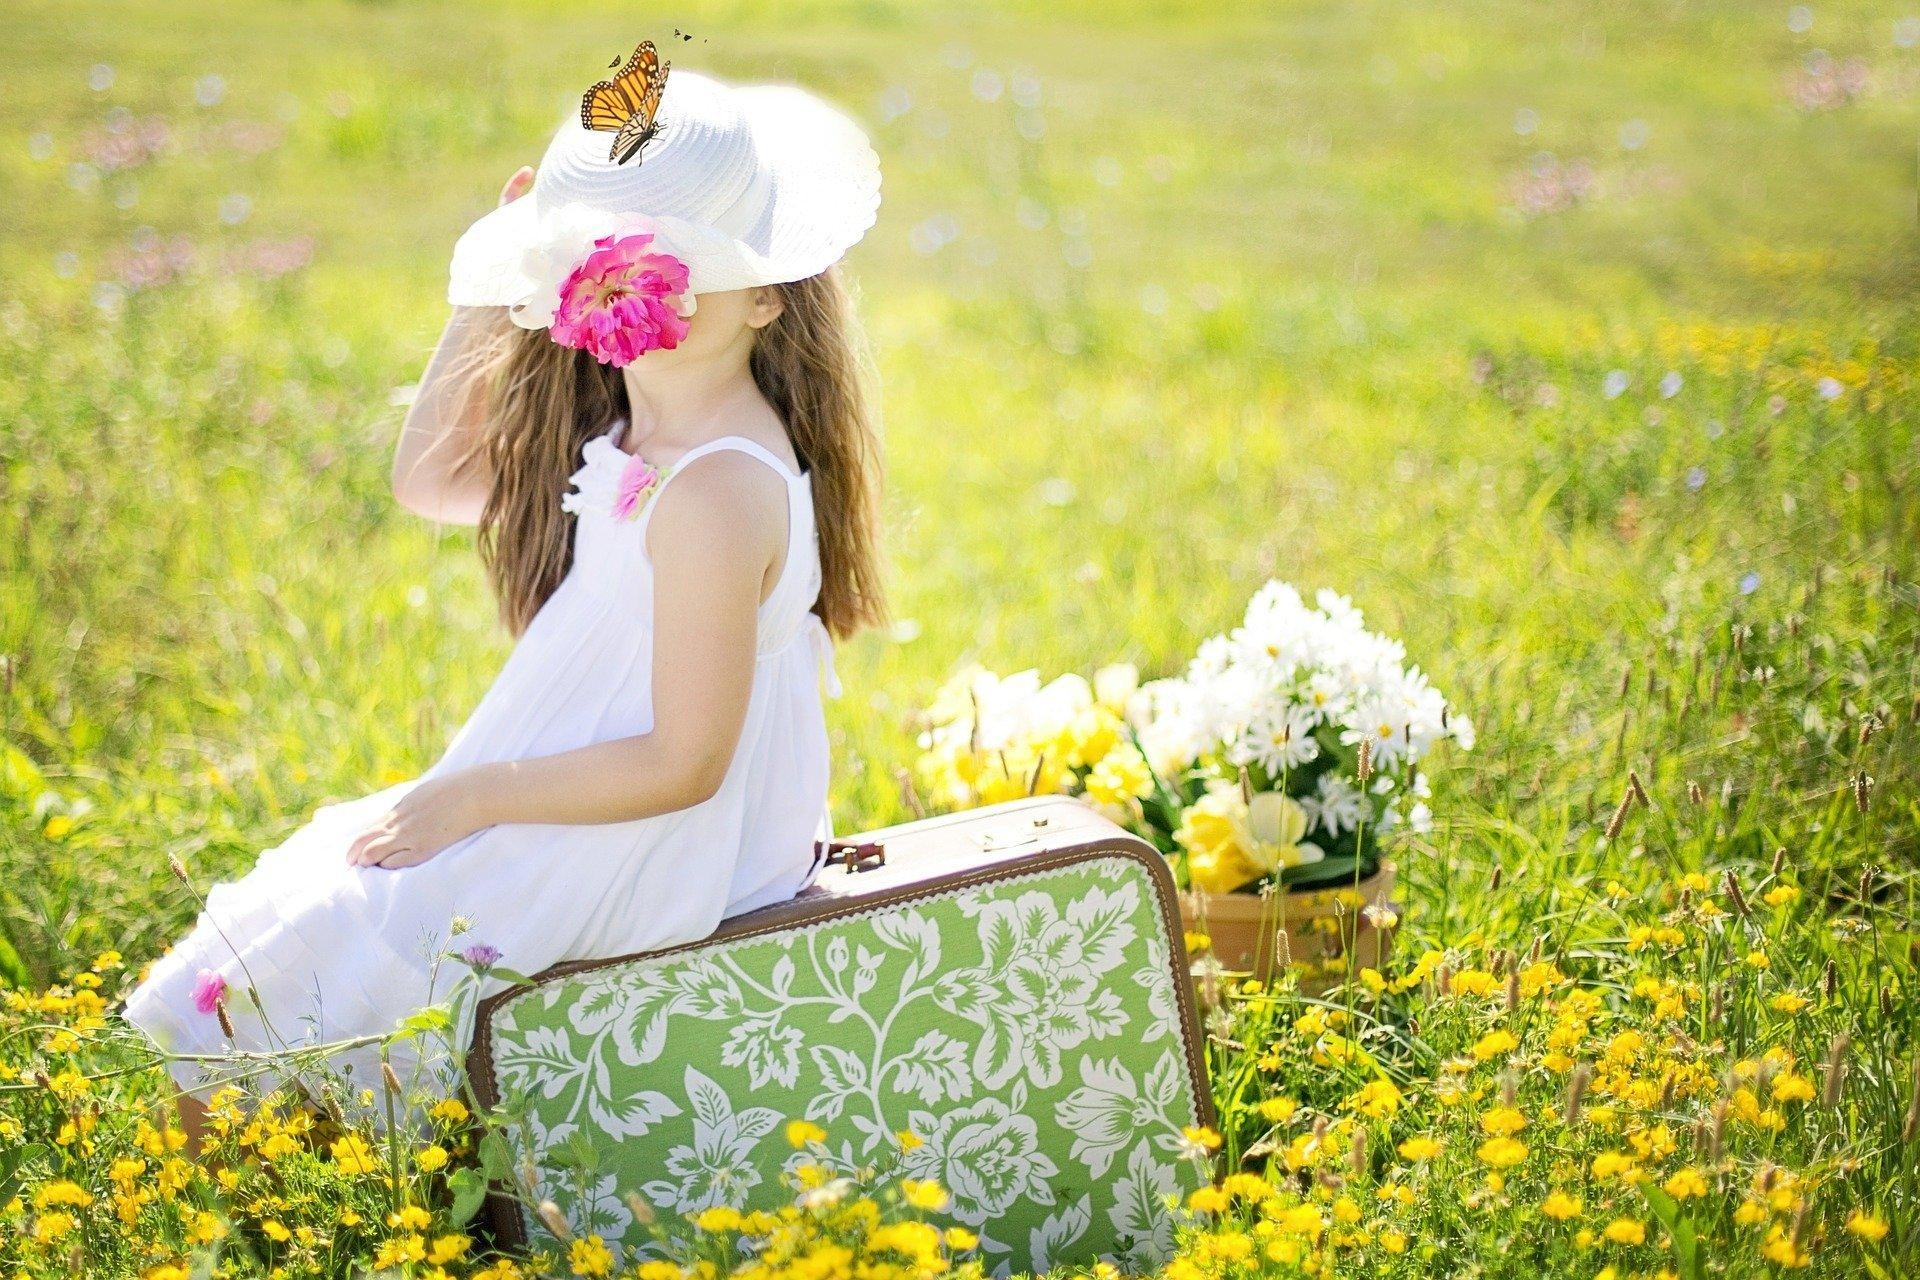 Wiosno Czarodziejko Wierszyk Dla Dzieci Na Wiosnę Piosenki